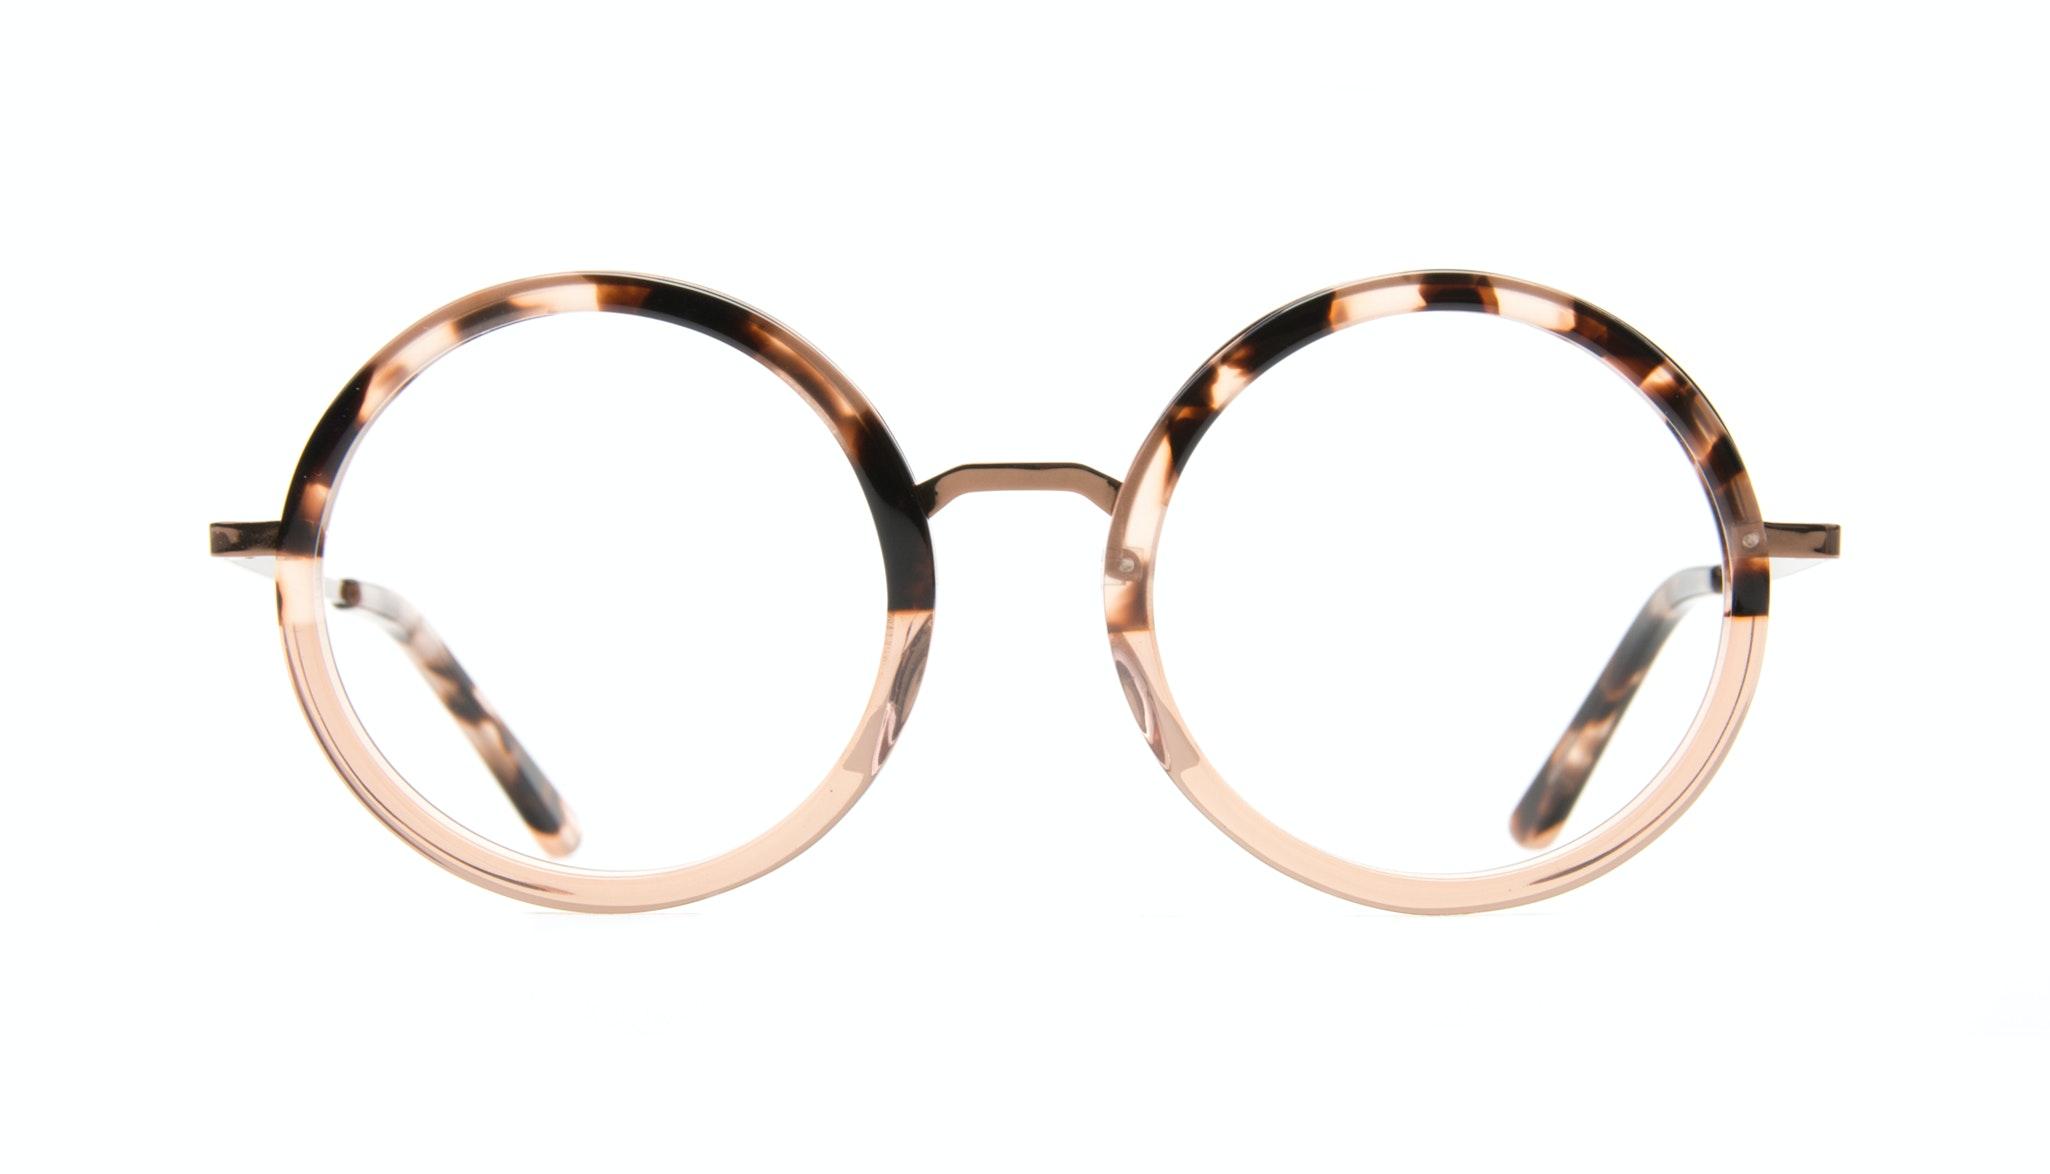 Affordable Fashion Glasses Round Eyeglasses Women Balance Rose Tortoise